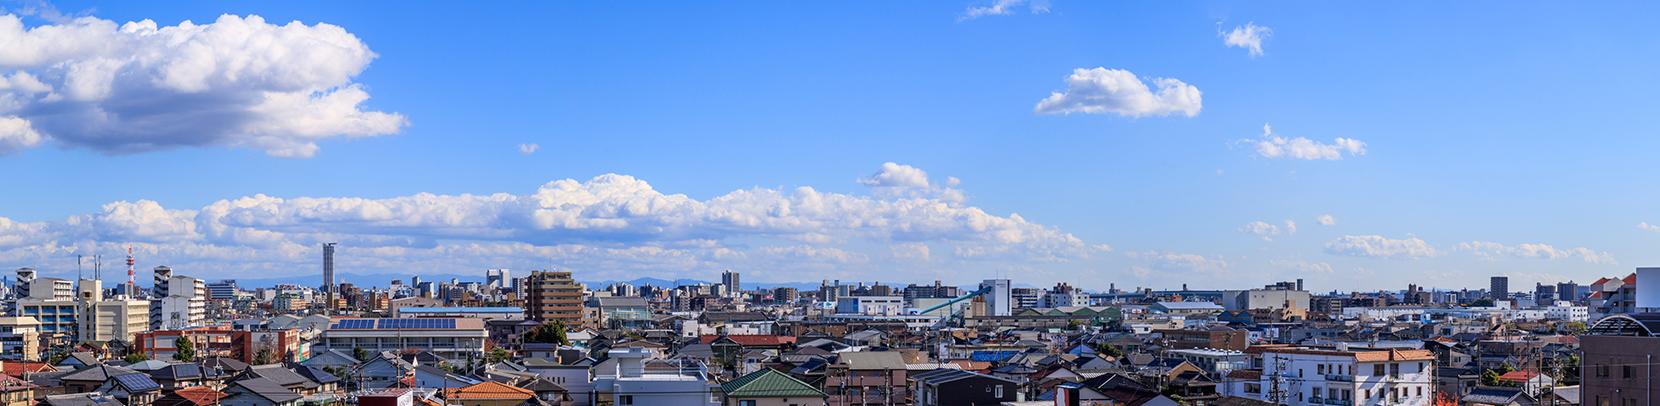 街の風景写真